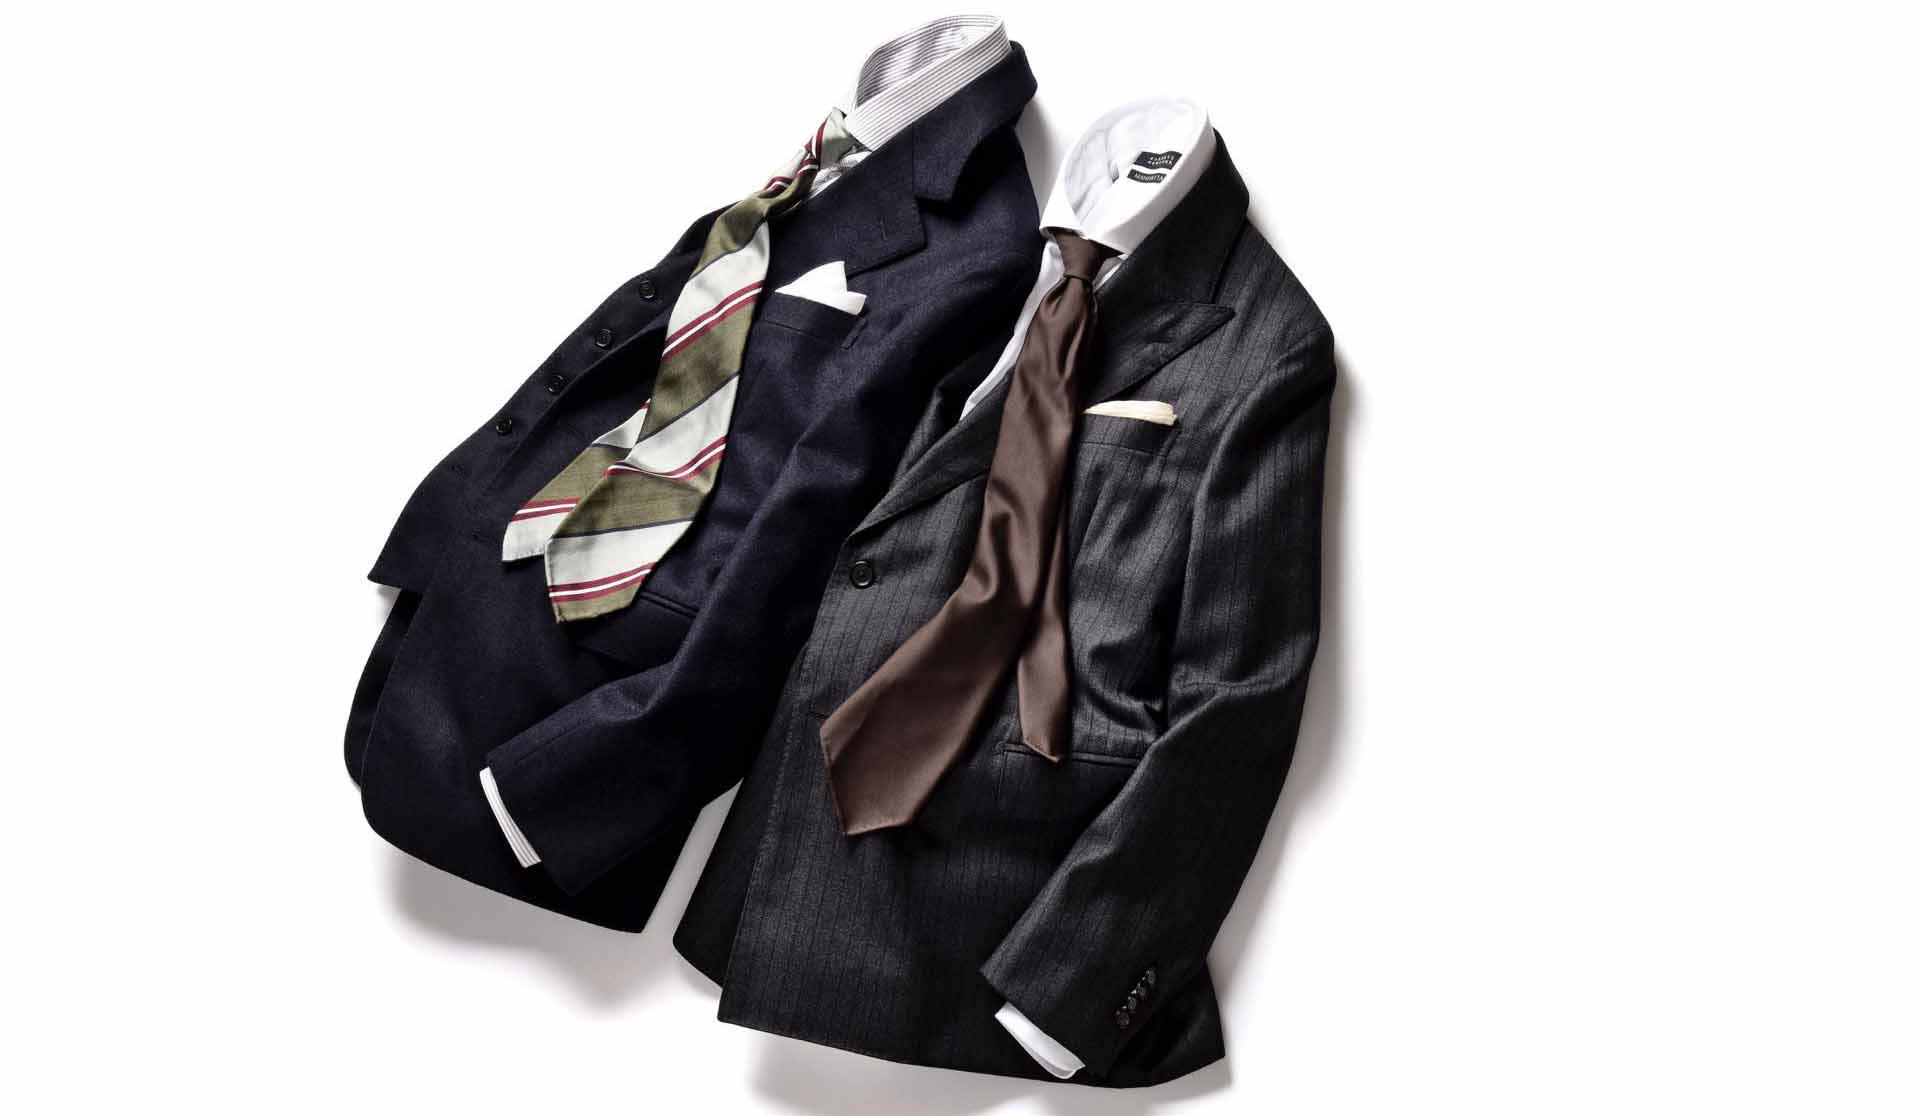 バーニーズ ニューヨークのスリーピーススーツ、ダブルブレストスーツ